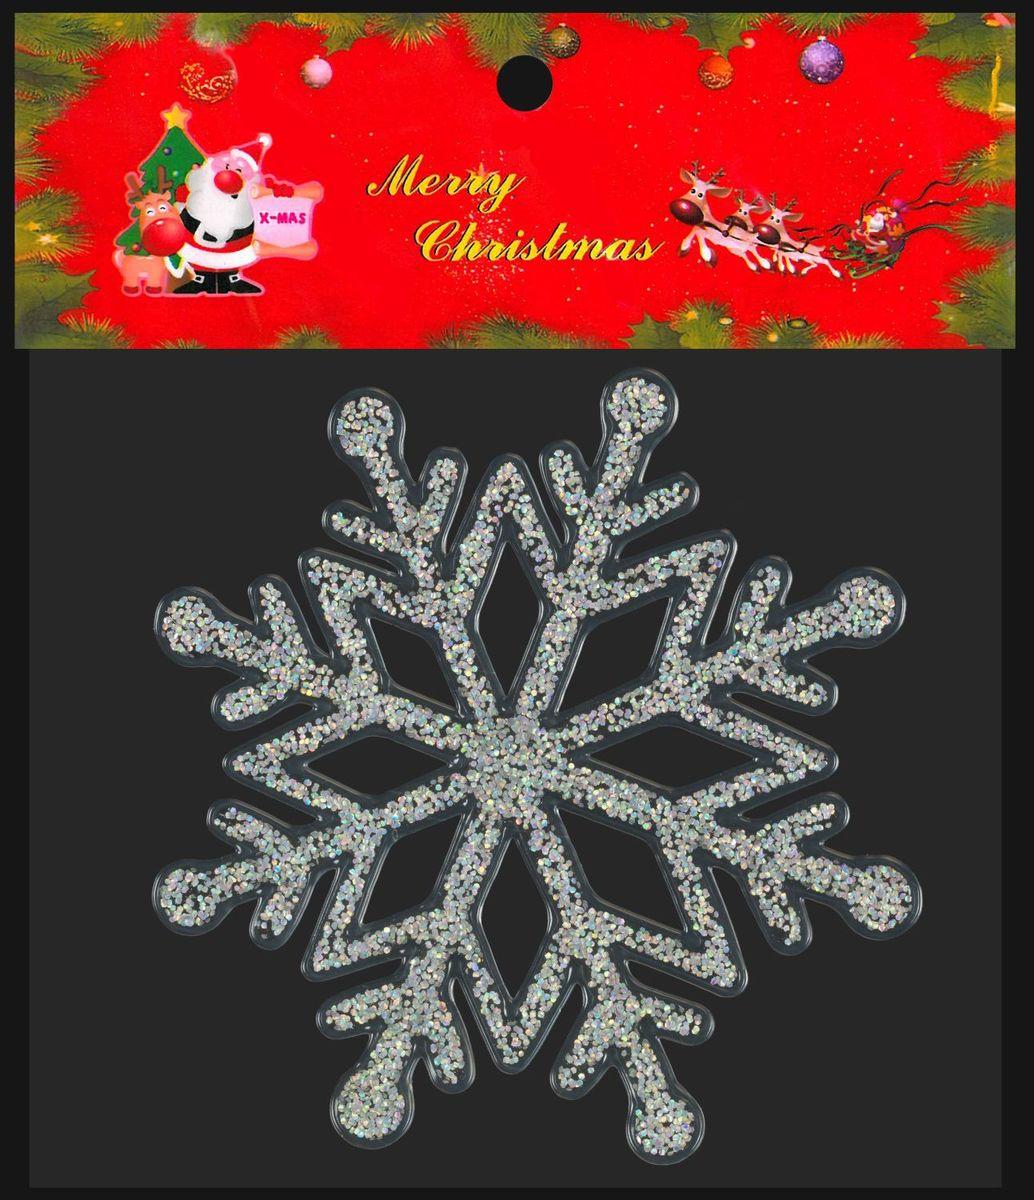 Яркая наклейка новогодней тематики произведена из силикона и крепится к  гладким стеклянным или зеркальным поверхностям посредством статического  эффекта. С тыльной стороны рисунок полностью повторяется, в том числе и  нарядные блестки, которые фрагментарно, но очень плотно покрывают изделие.  Для обеспечения лучшего слияния с поверхностью, тыльная сторона абсолютно  гладкая. Таким образом, вид с улицы на украшенное окно будет также радовать  прохожих. Наклейку можно неоднократно перемещать с места на место при  относительной чистоте поверхности. Легко снимается, не оставляя следов.  Безопасный и очень хороший подарок для детей 3-5 лет подразумевает развитие  моторики при участии ребенка в праздничном оформлении дома. Наклейка размещена на прозрачной подложке и упакована в полибэг.